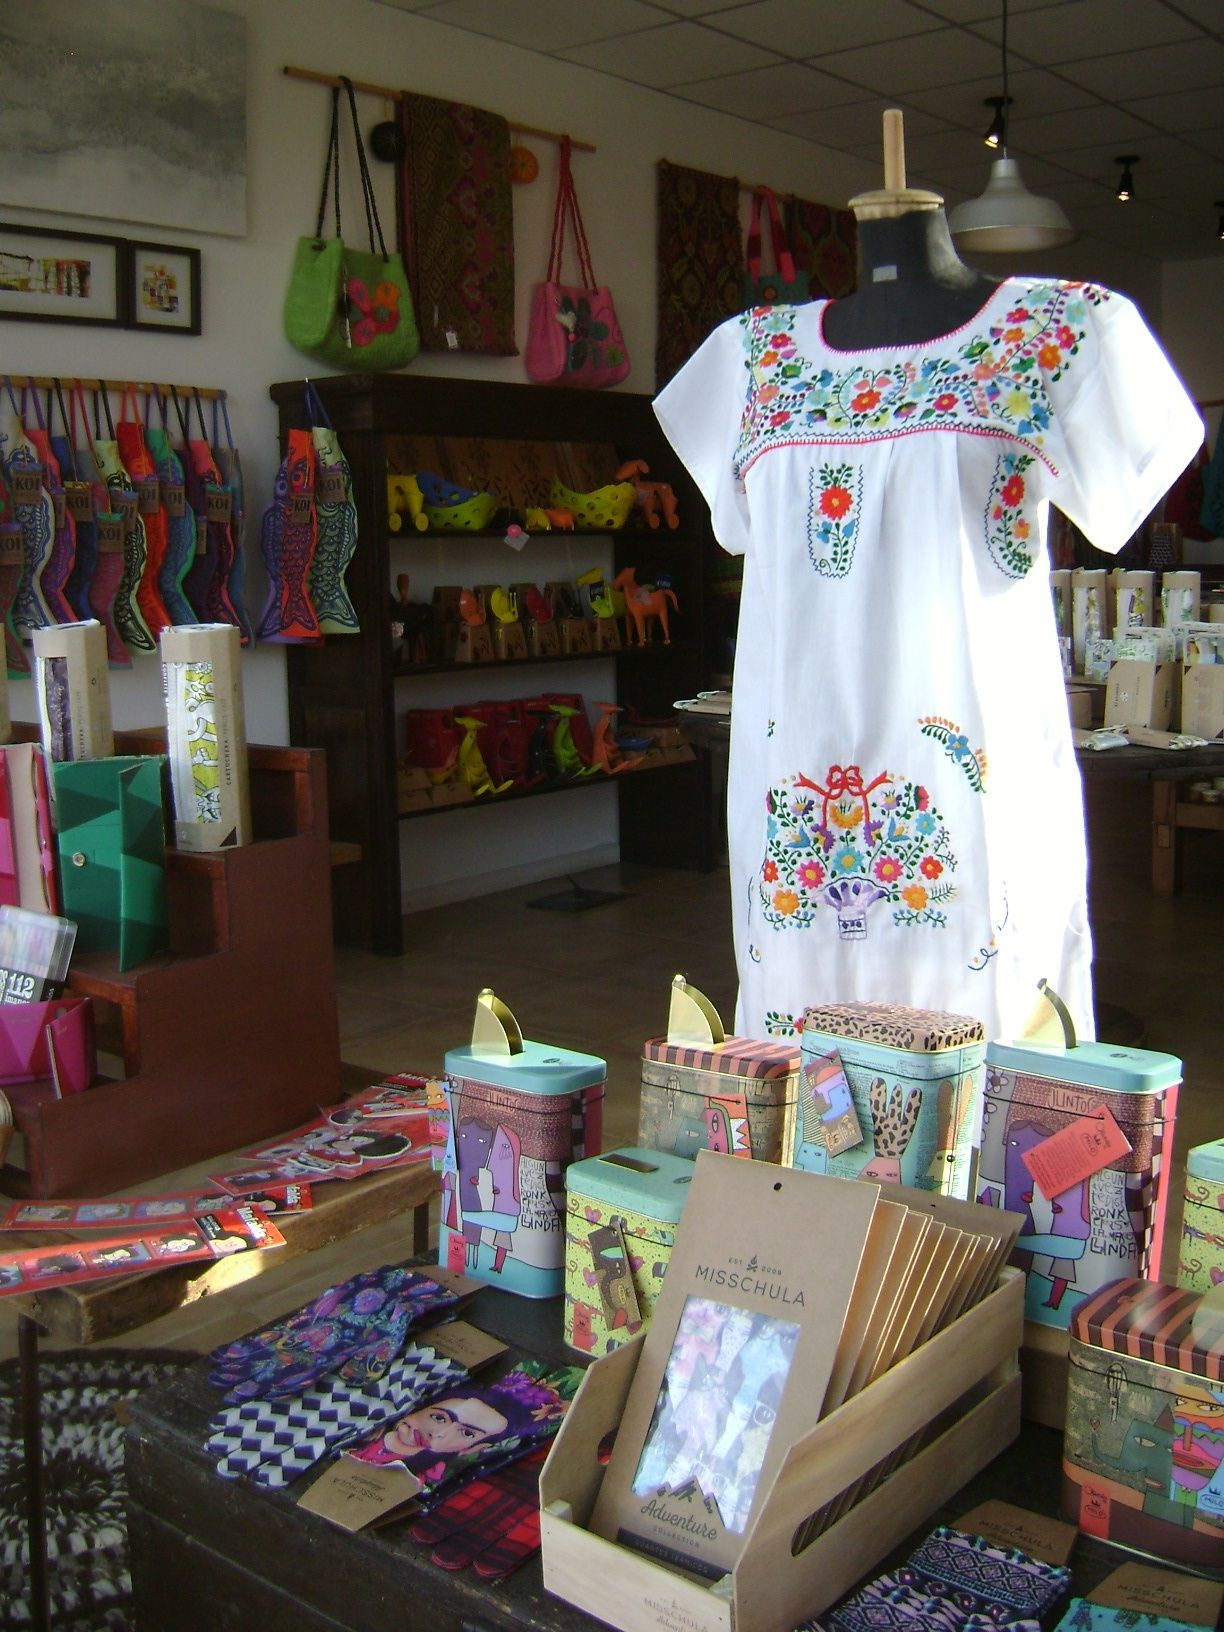 Bienvenido a trama dise o artesanal tienda de objetos de - Objetos decoracion diseno ...